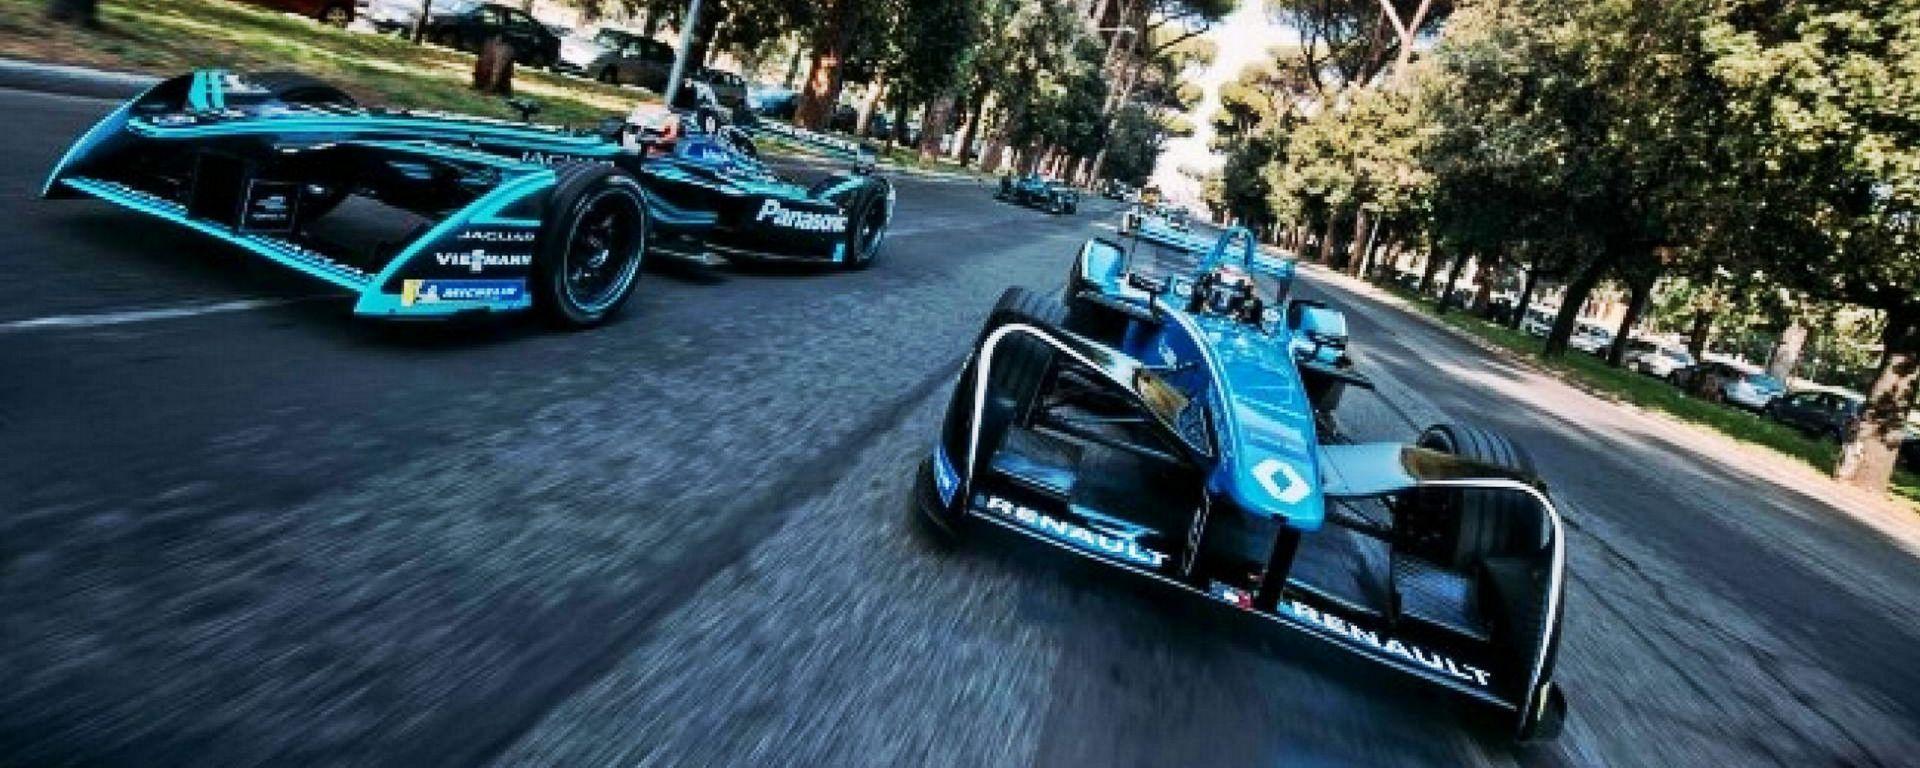 Formula E 2018, GP di Roma: biglietti e hotel tutto esaurito